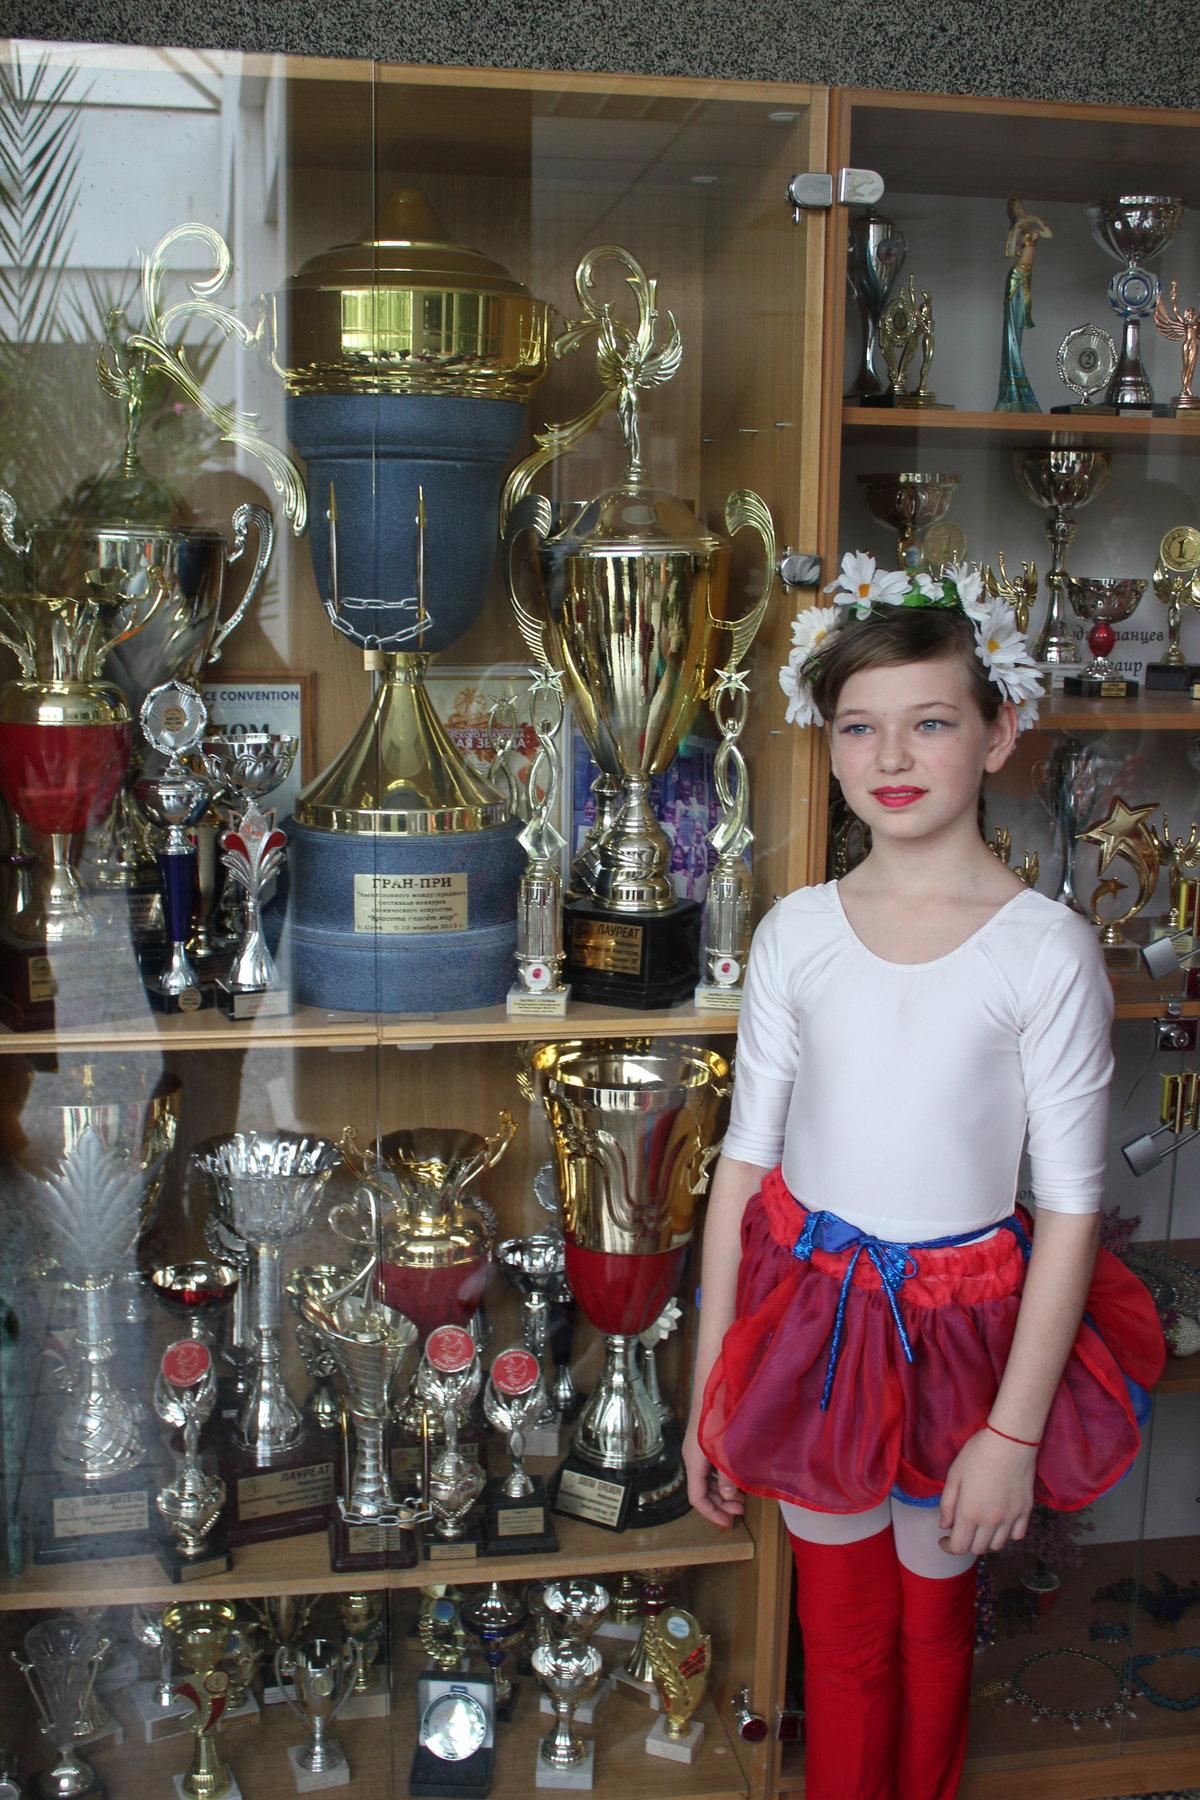 подаче печку ее фотографии отмечались дипломами и наградами сканер для средних